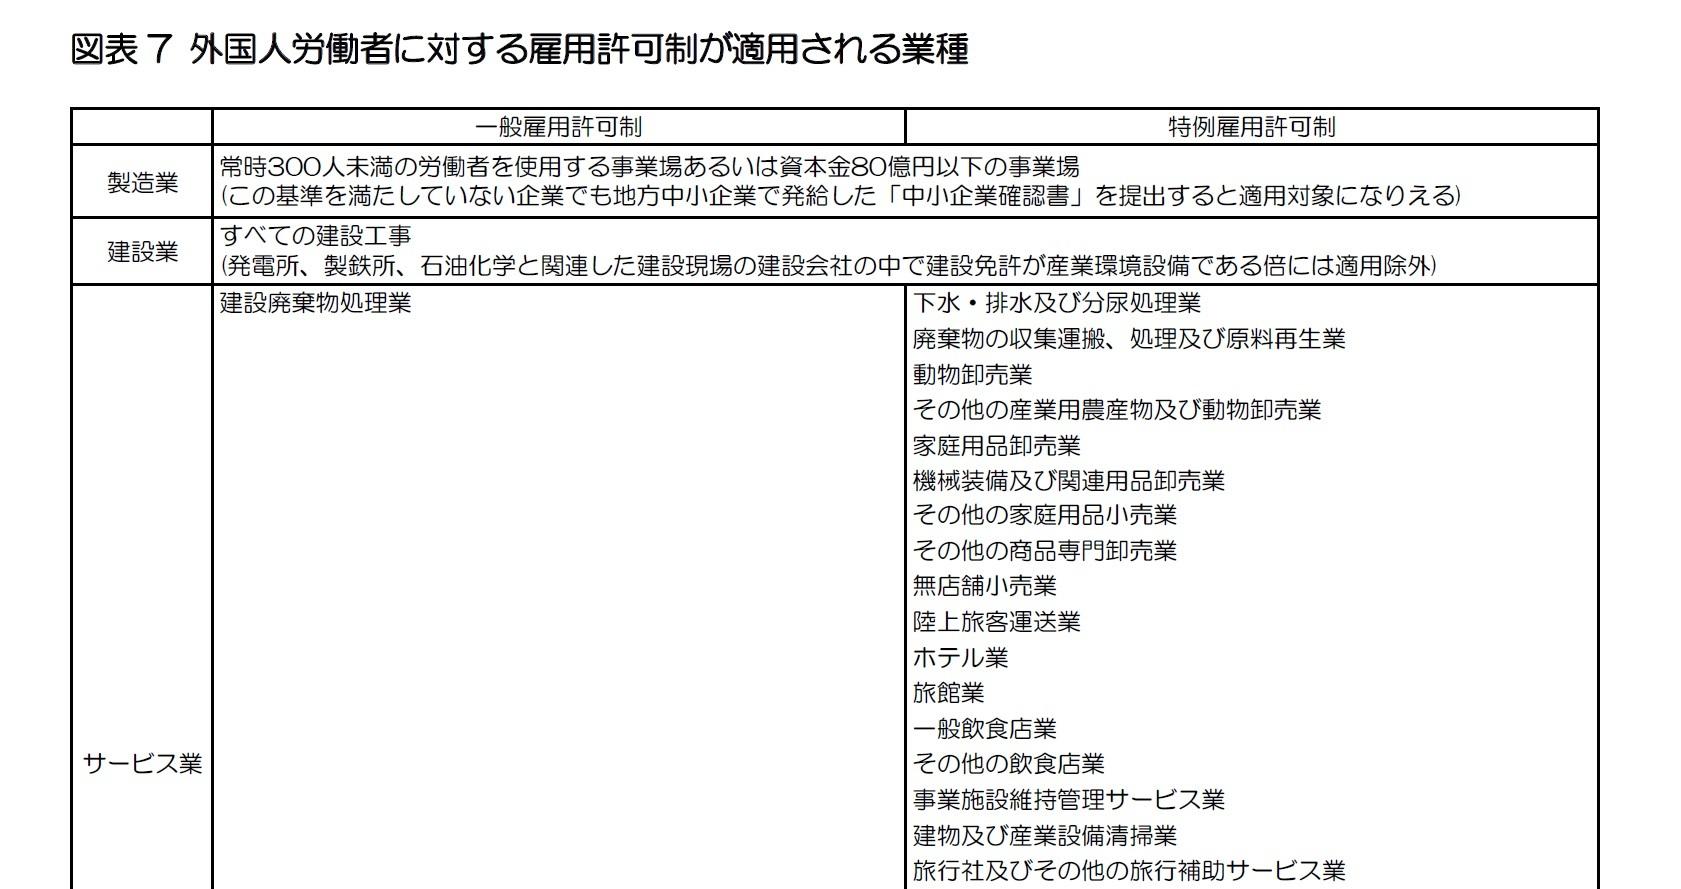 図表7 外国人労働者に対する雇用許可制が適用される業種1